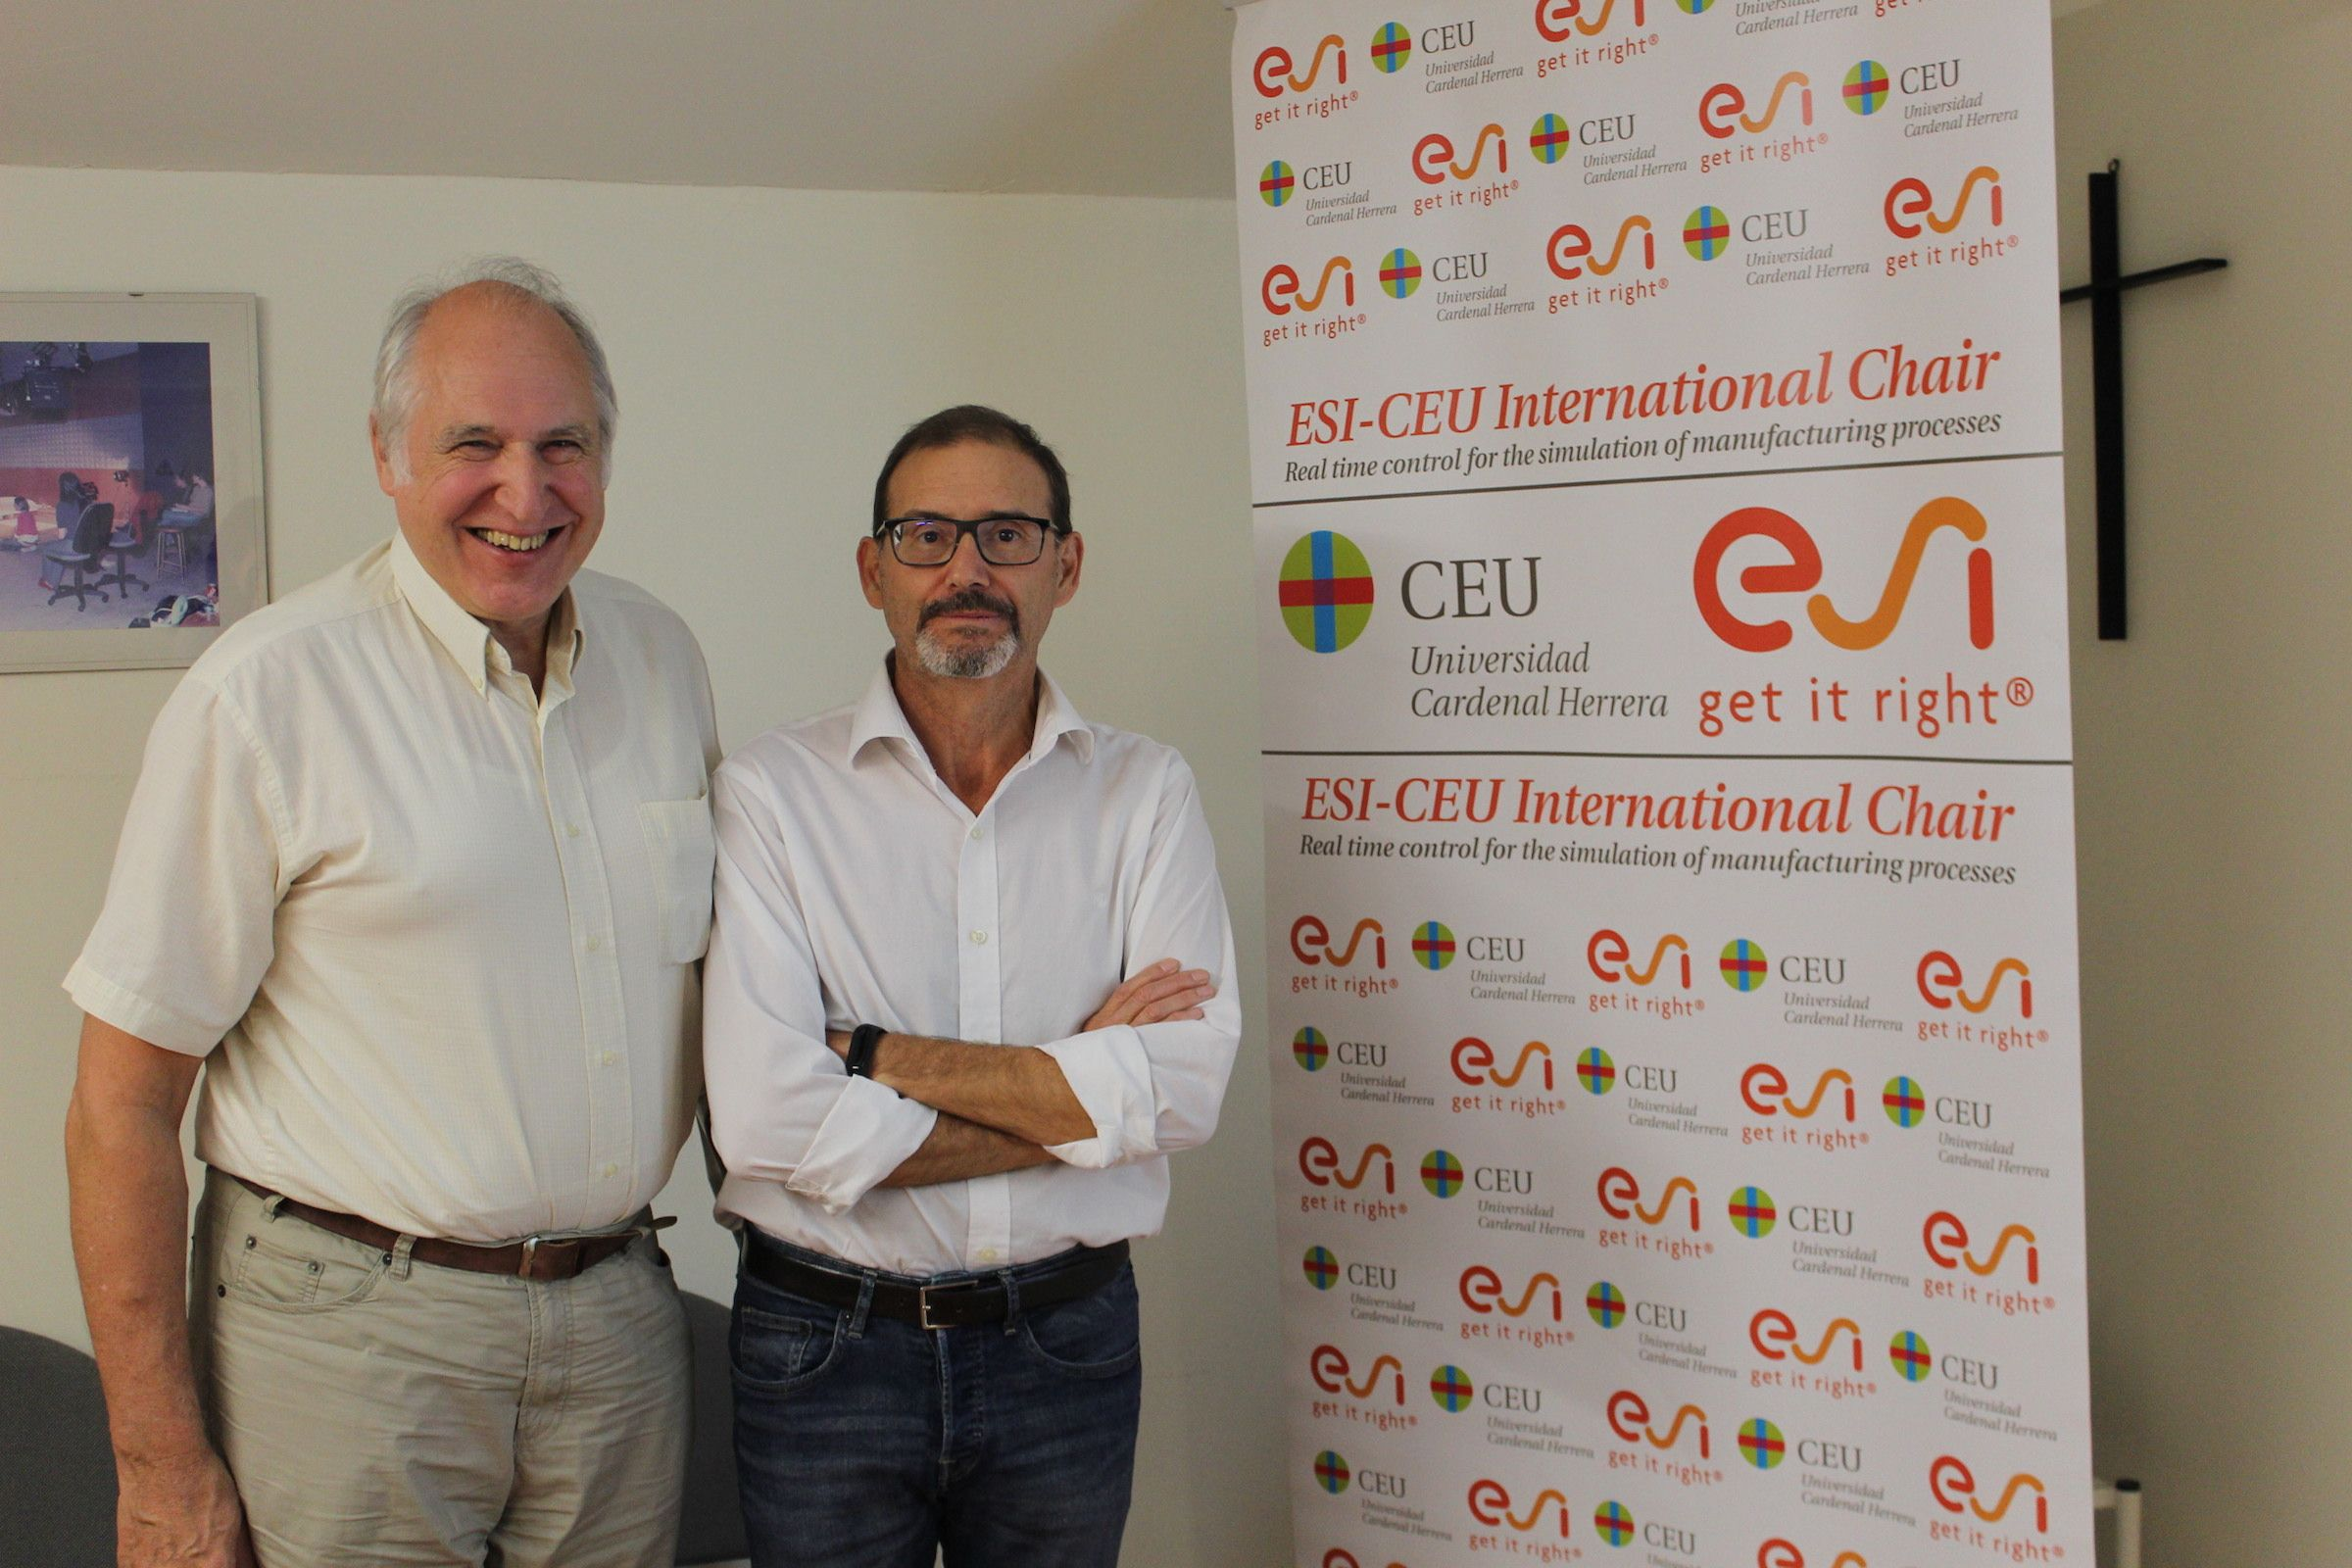 Hermann Matthies, director del Instituto de Ciencias Computacionales de la Universidad de Braunschweig y Antonio Falcó, director de la Cátedra Internacional ESI-CEU.